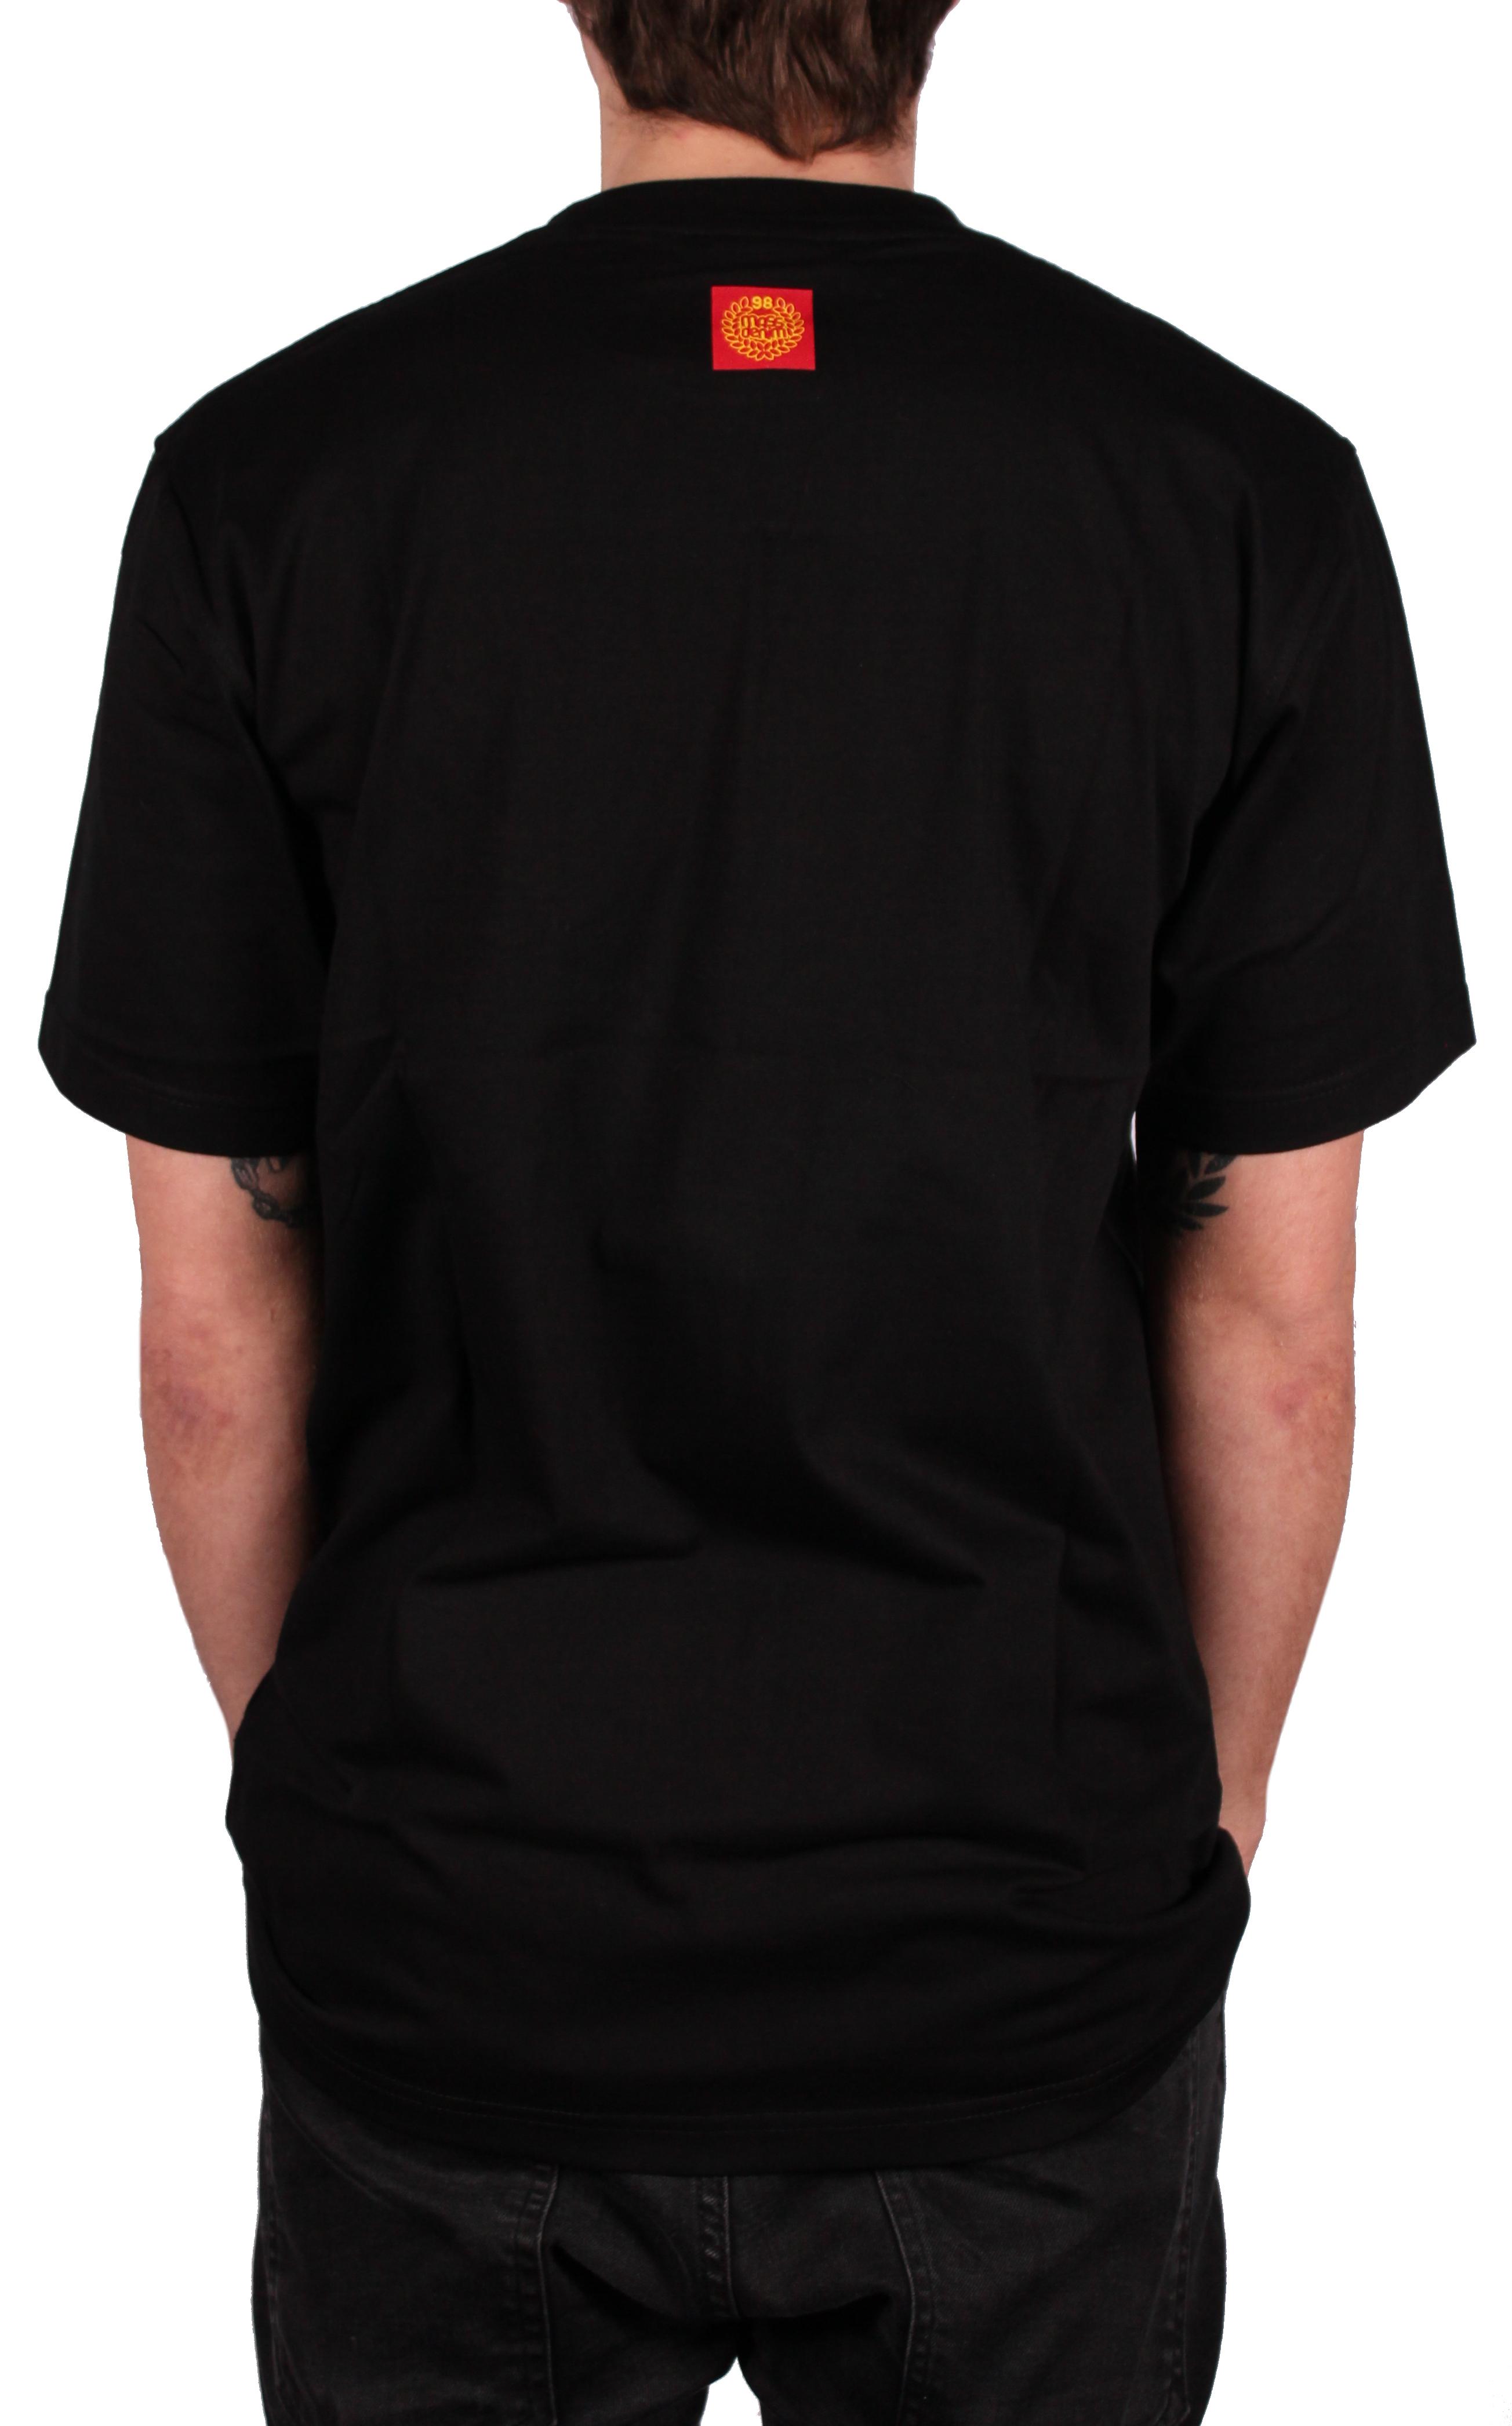 Koszulka Massdnm Massboy (Black)